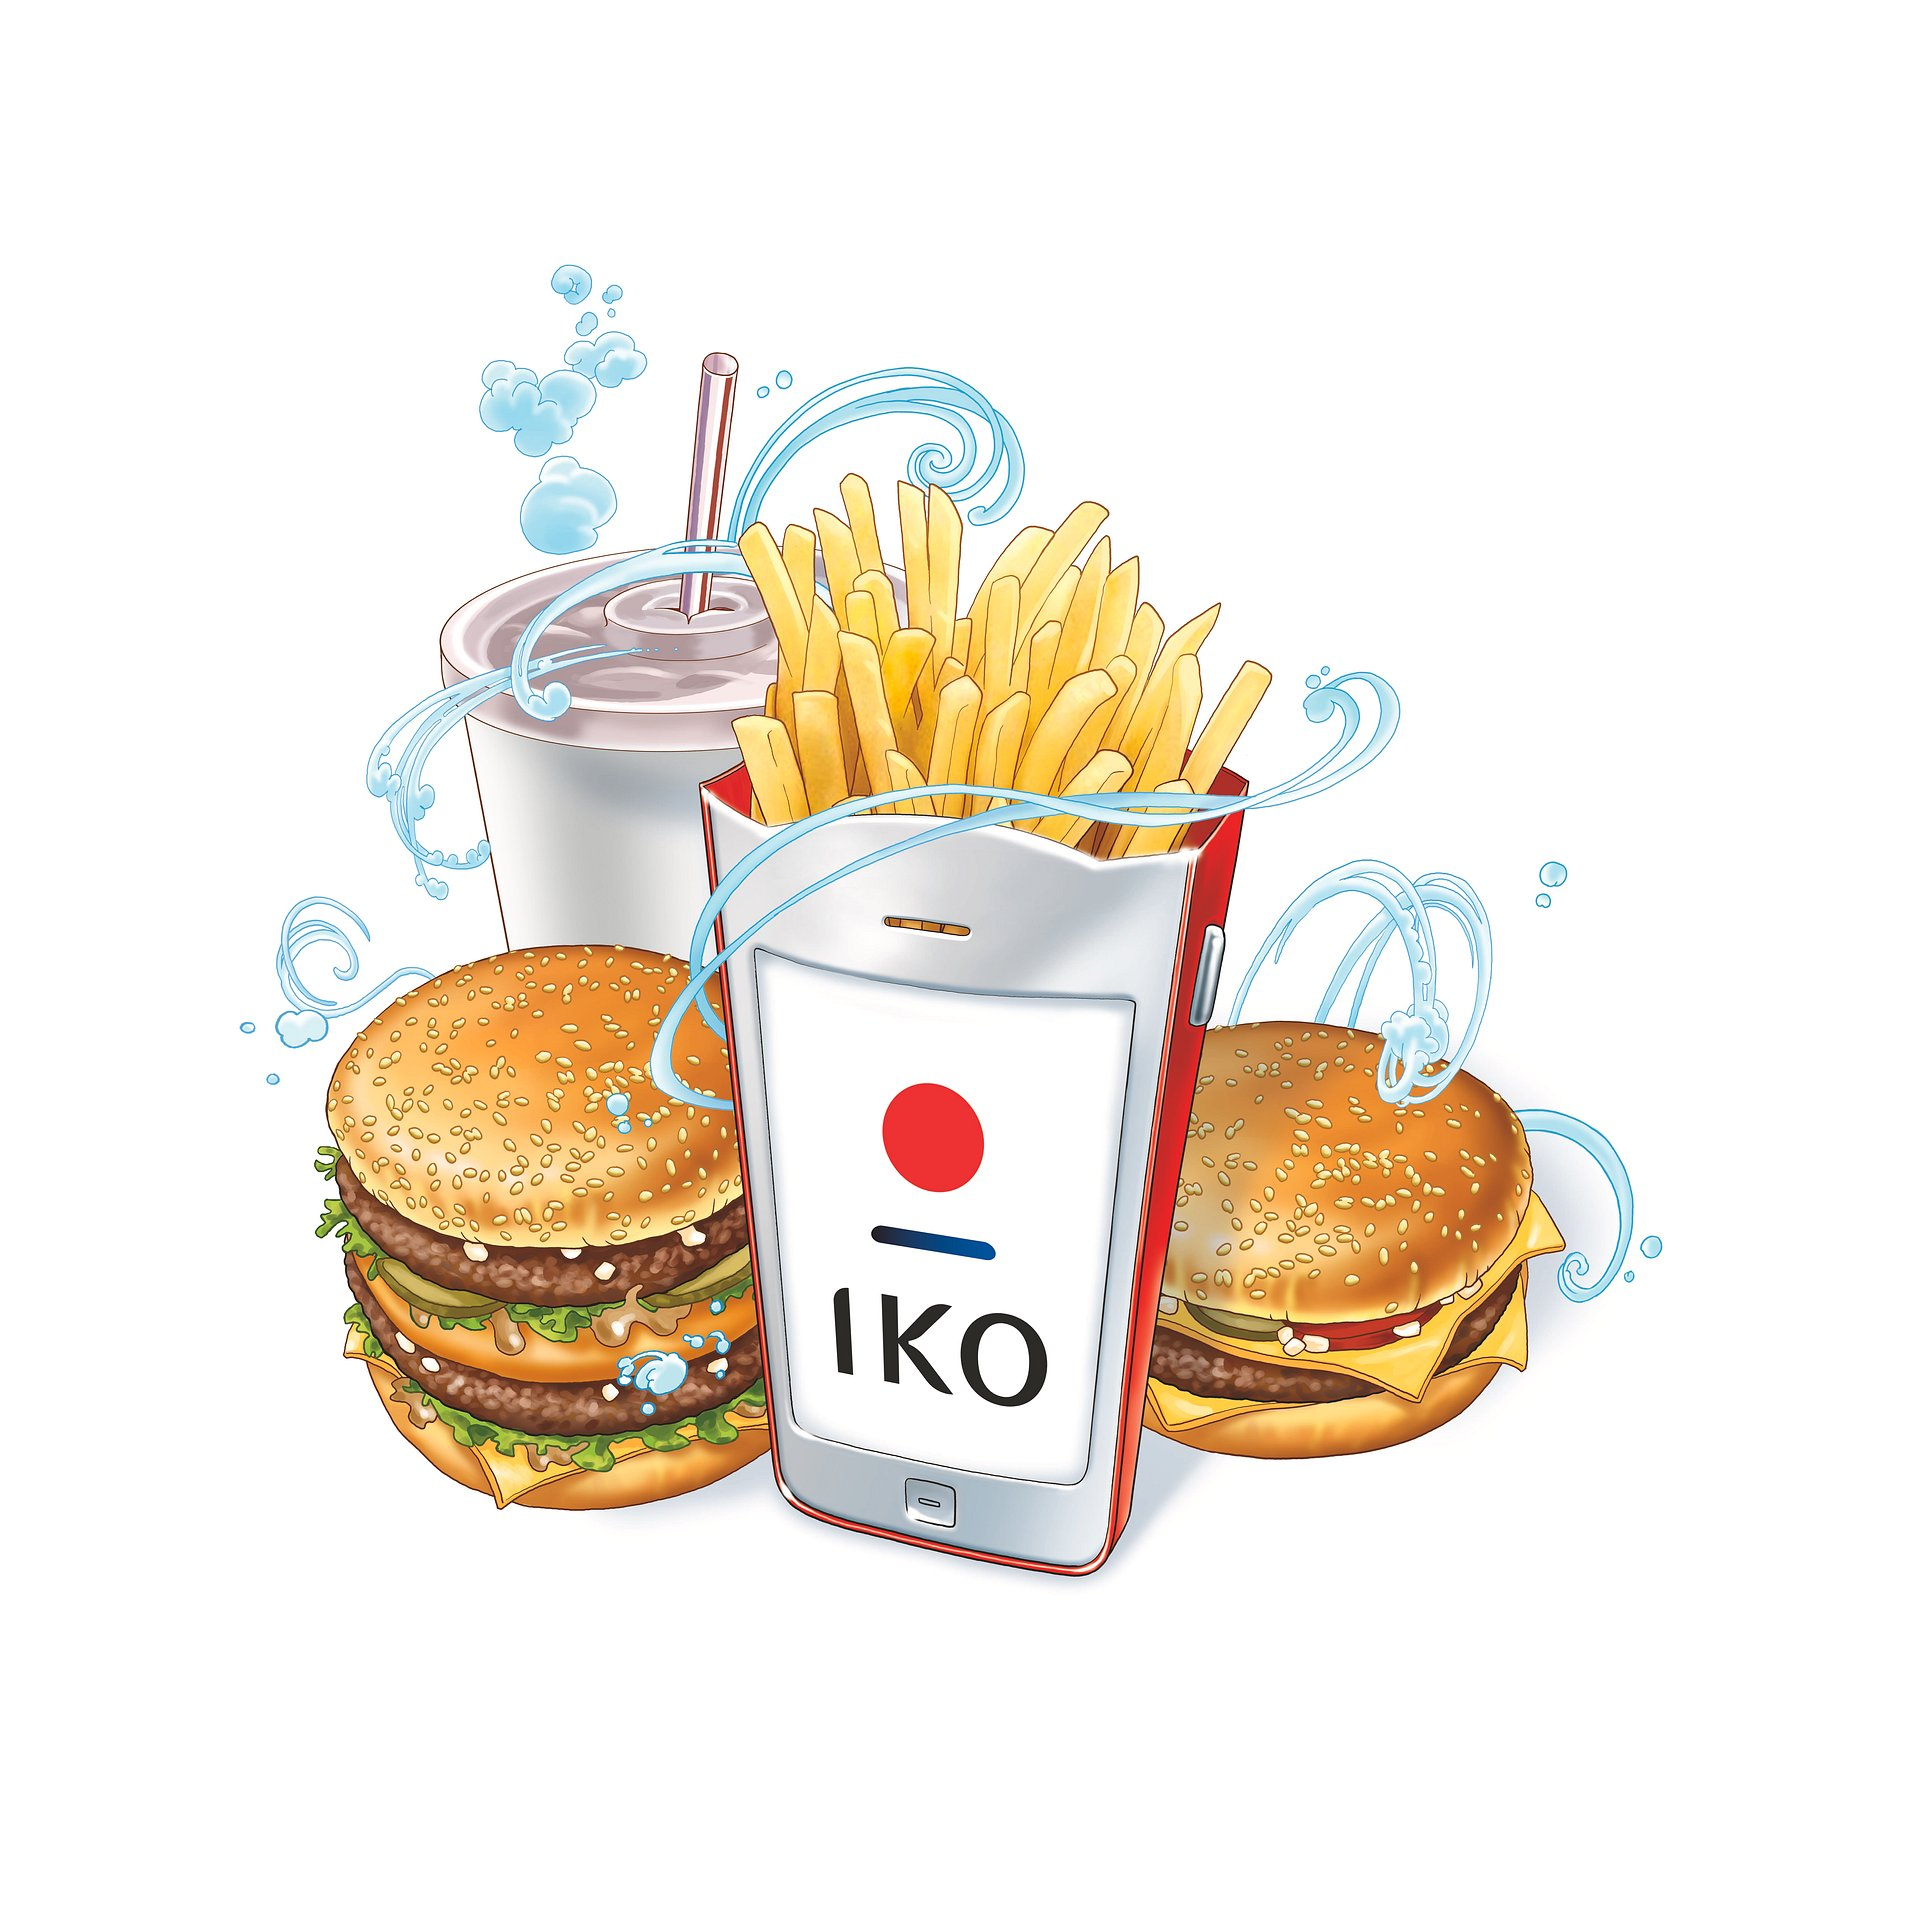 Promocja IKO w McDonald's® trwa!